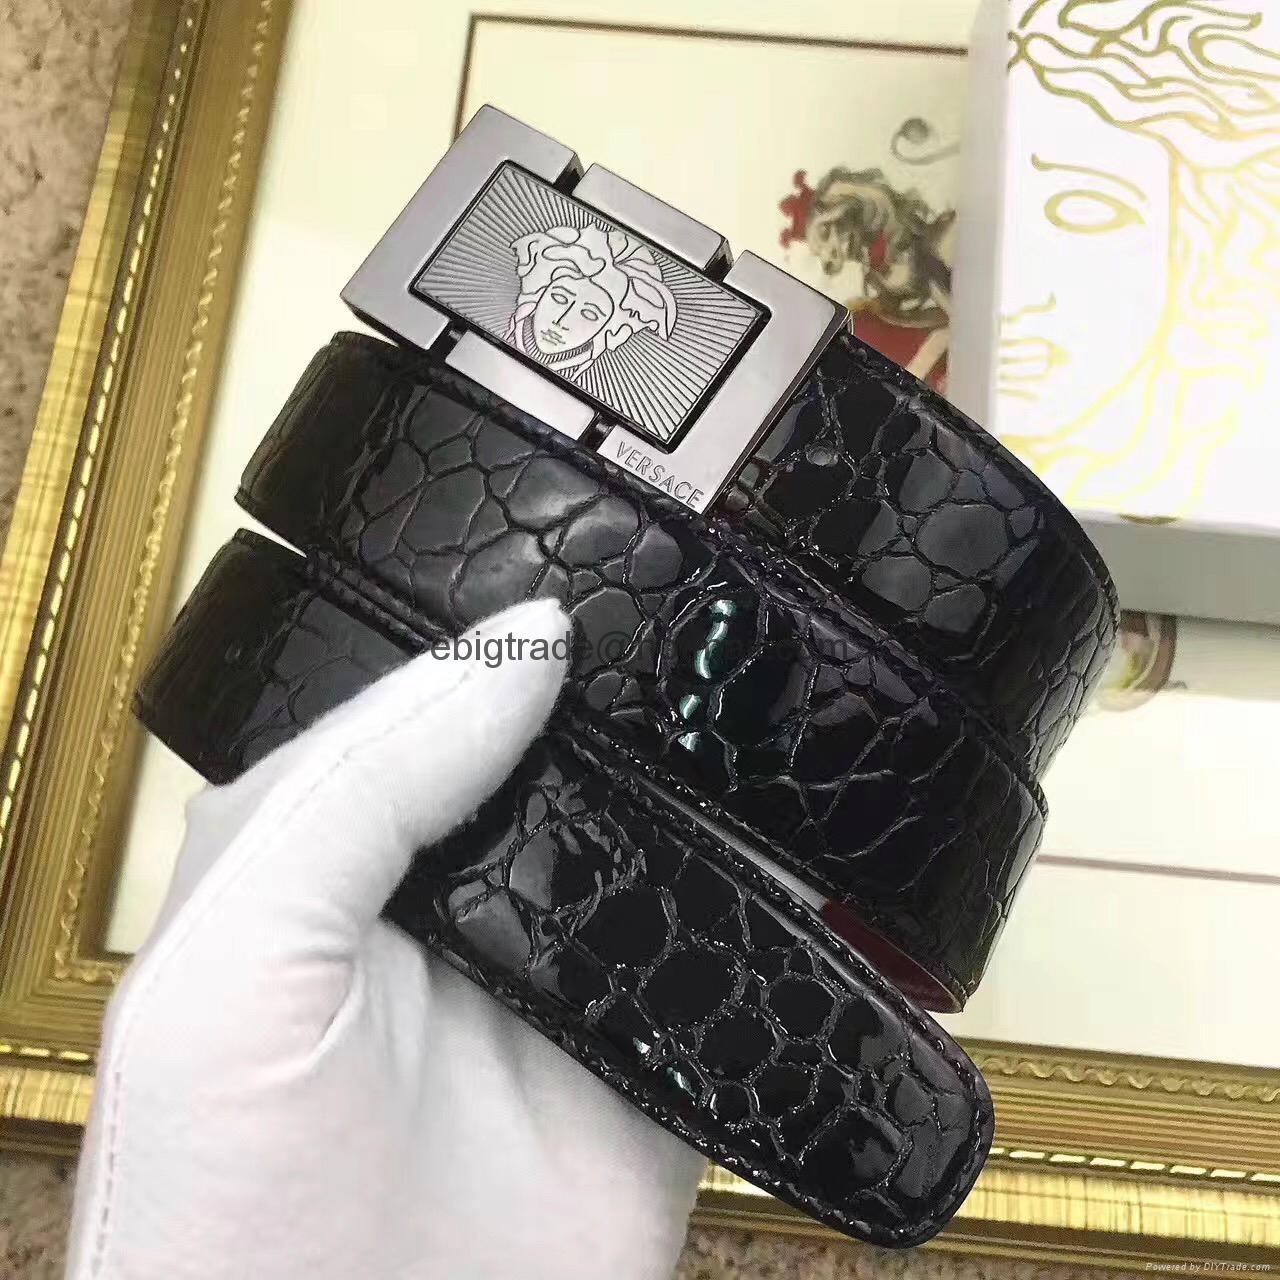 Versace men's belts